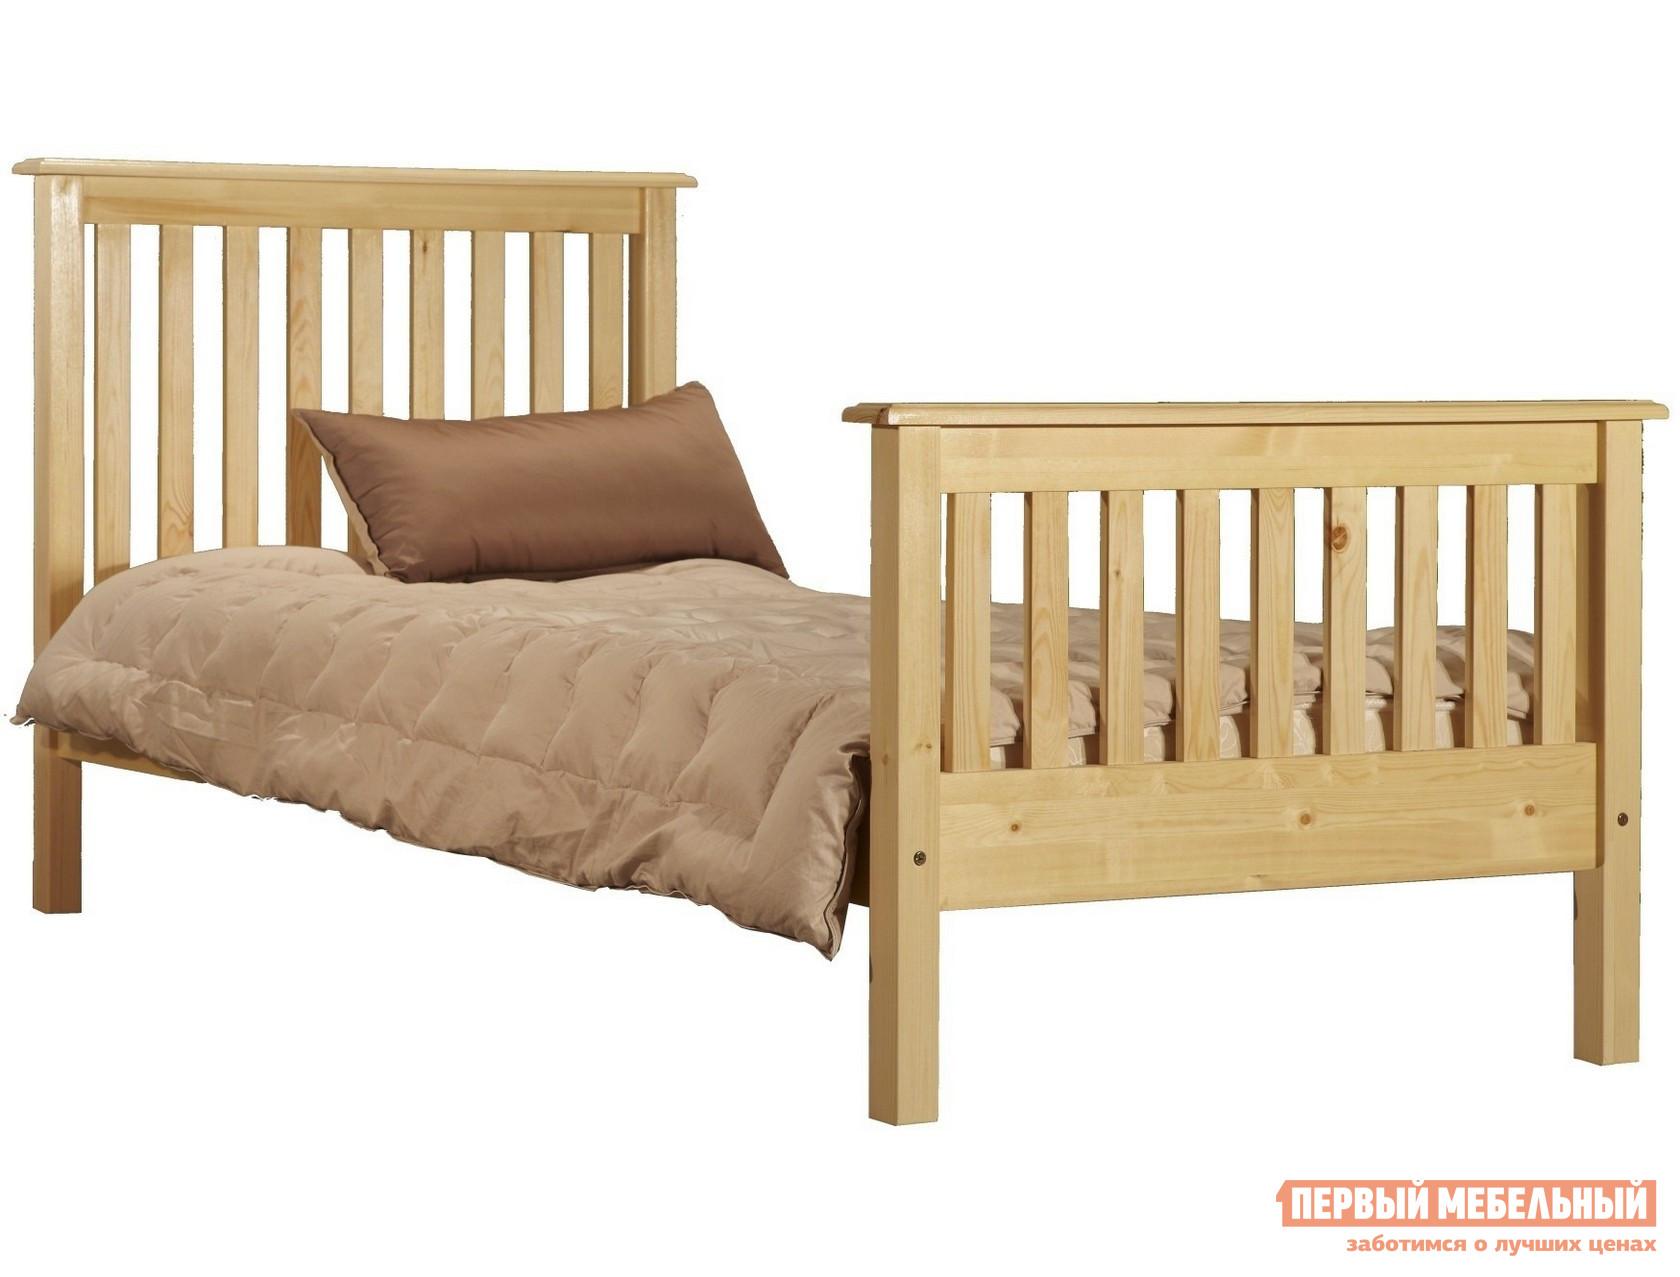 Кровать односпальная Timberica Рина (R2)